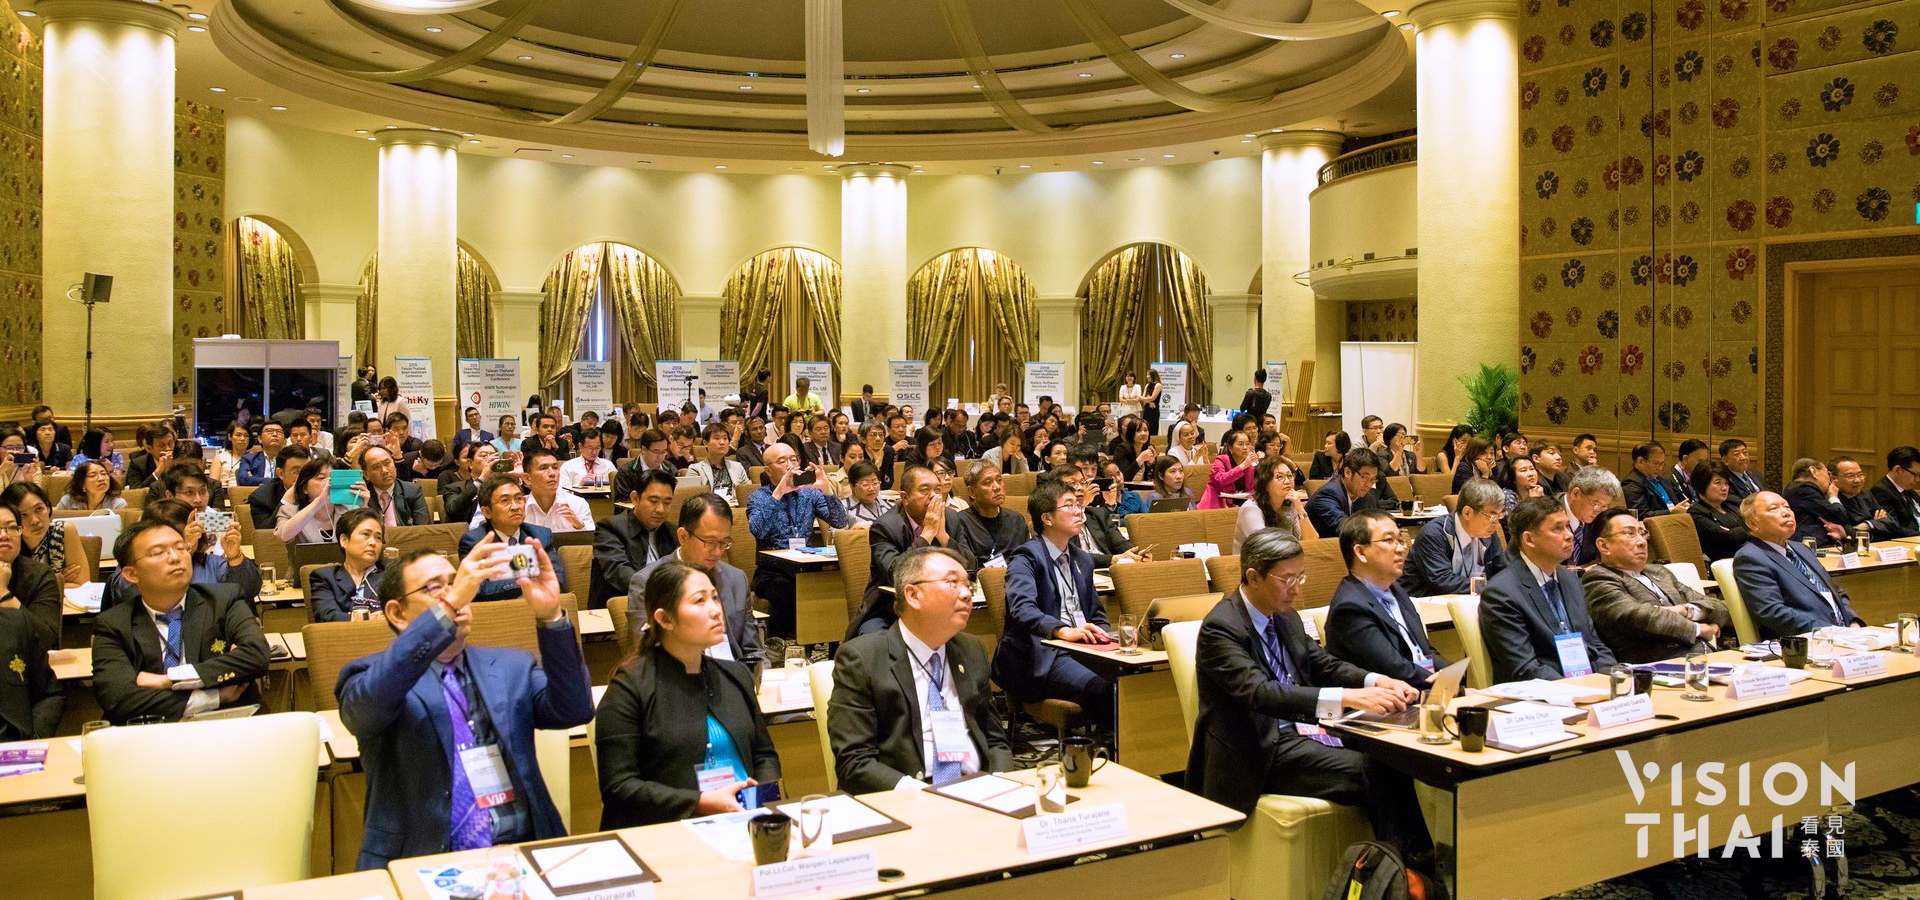 由VT承辦的活動之一,東南亞最大場的智慧醫療論壇。